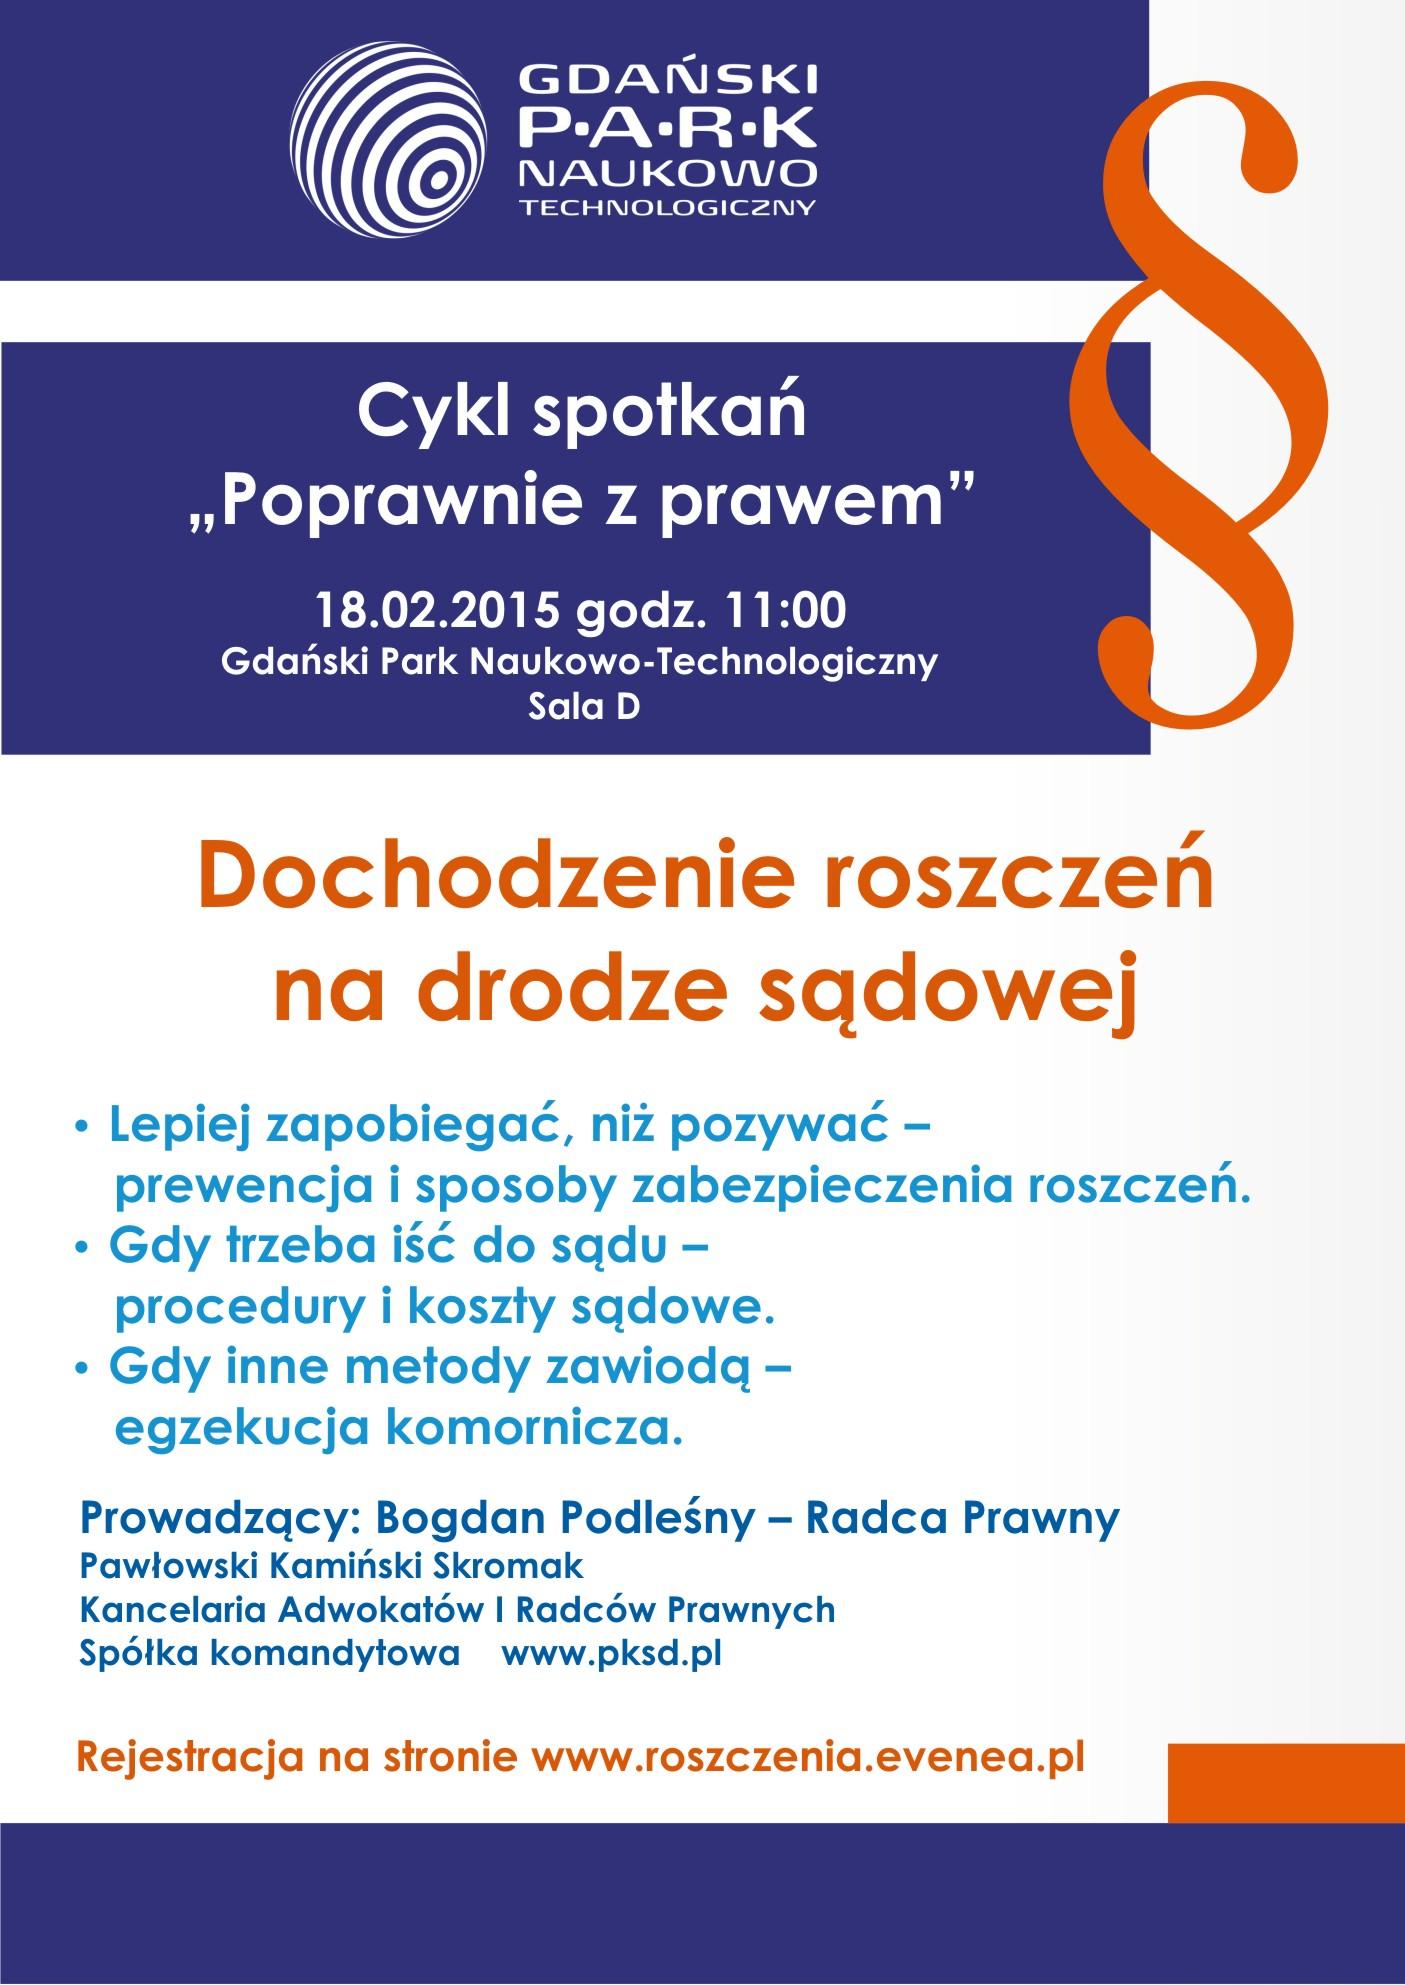 GPNT_Dochodzenie_roszczeń_na_drodze_sądowej_18.02.2015.jpg